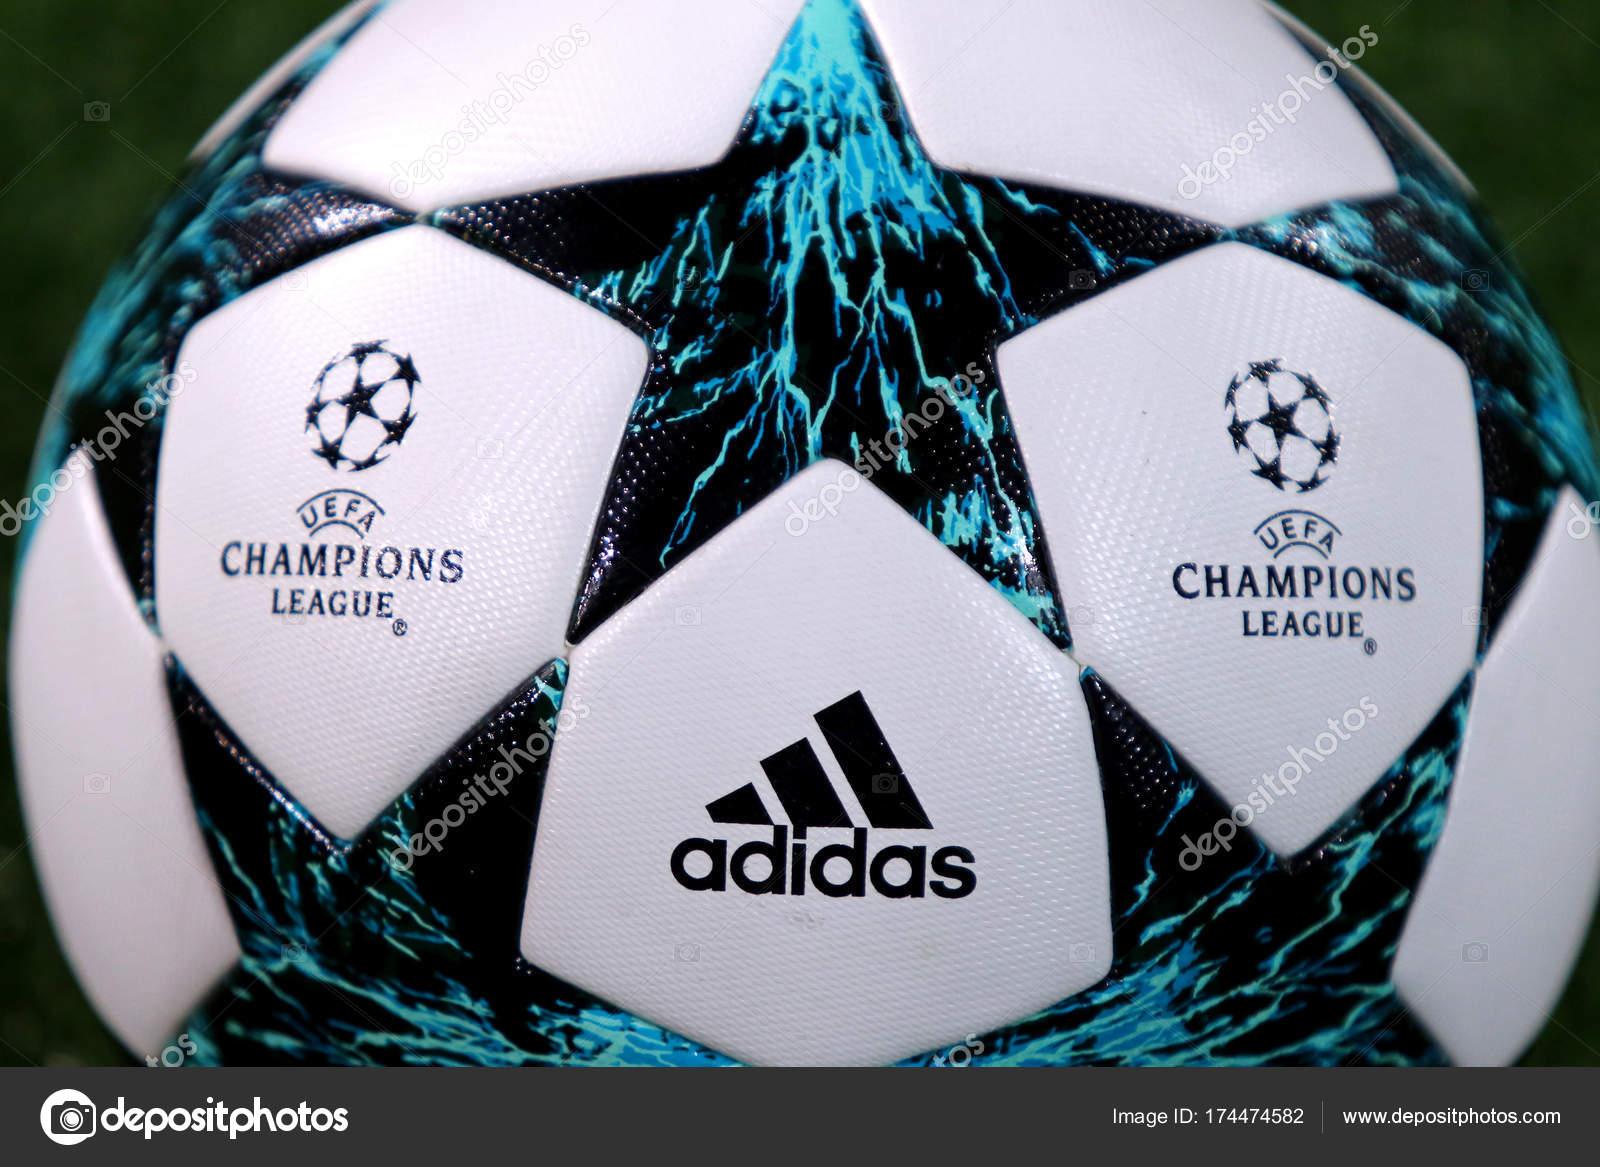 Vector  balon uefa champions league  d80cb1dddce44